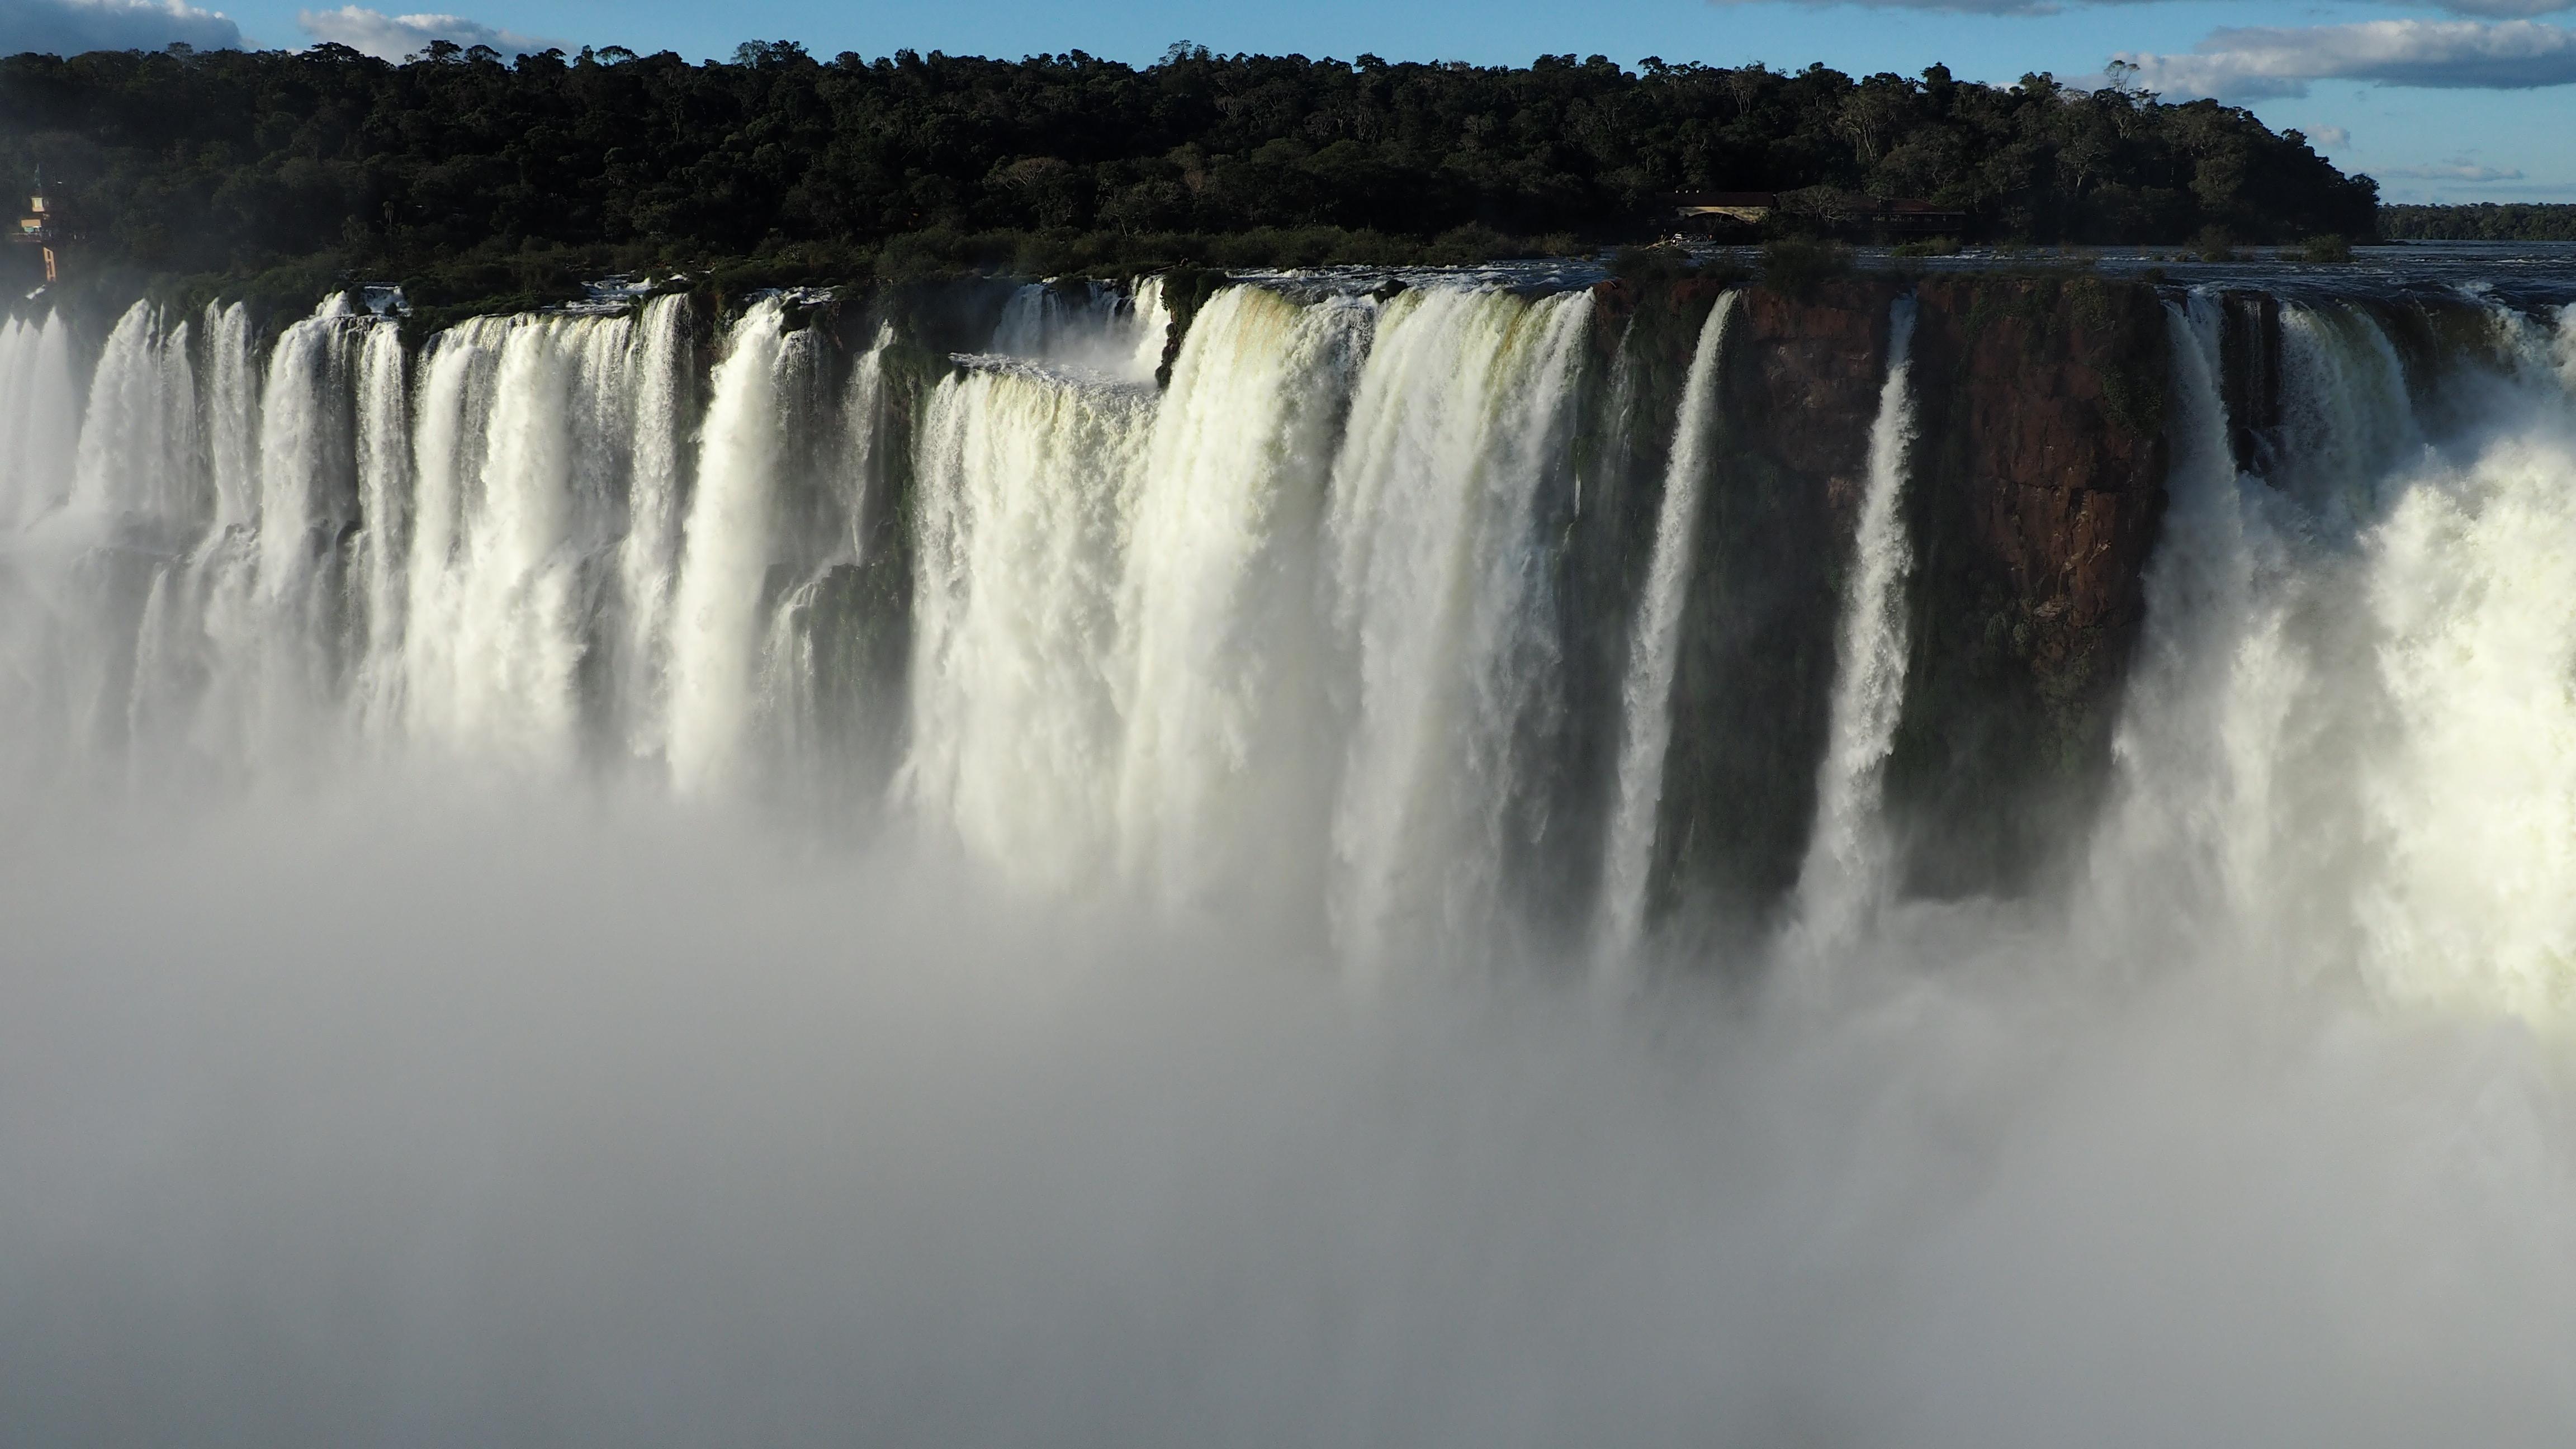 Vista del lado brasileño de la Garganta del Diablo, desde Argentina. Mes ideal para ir a Cataratas del Iguazú